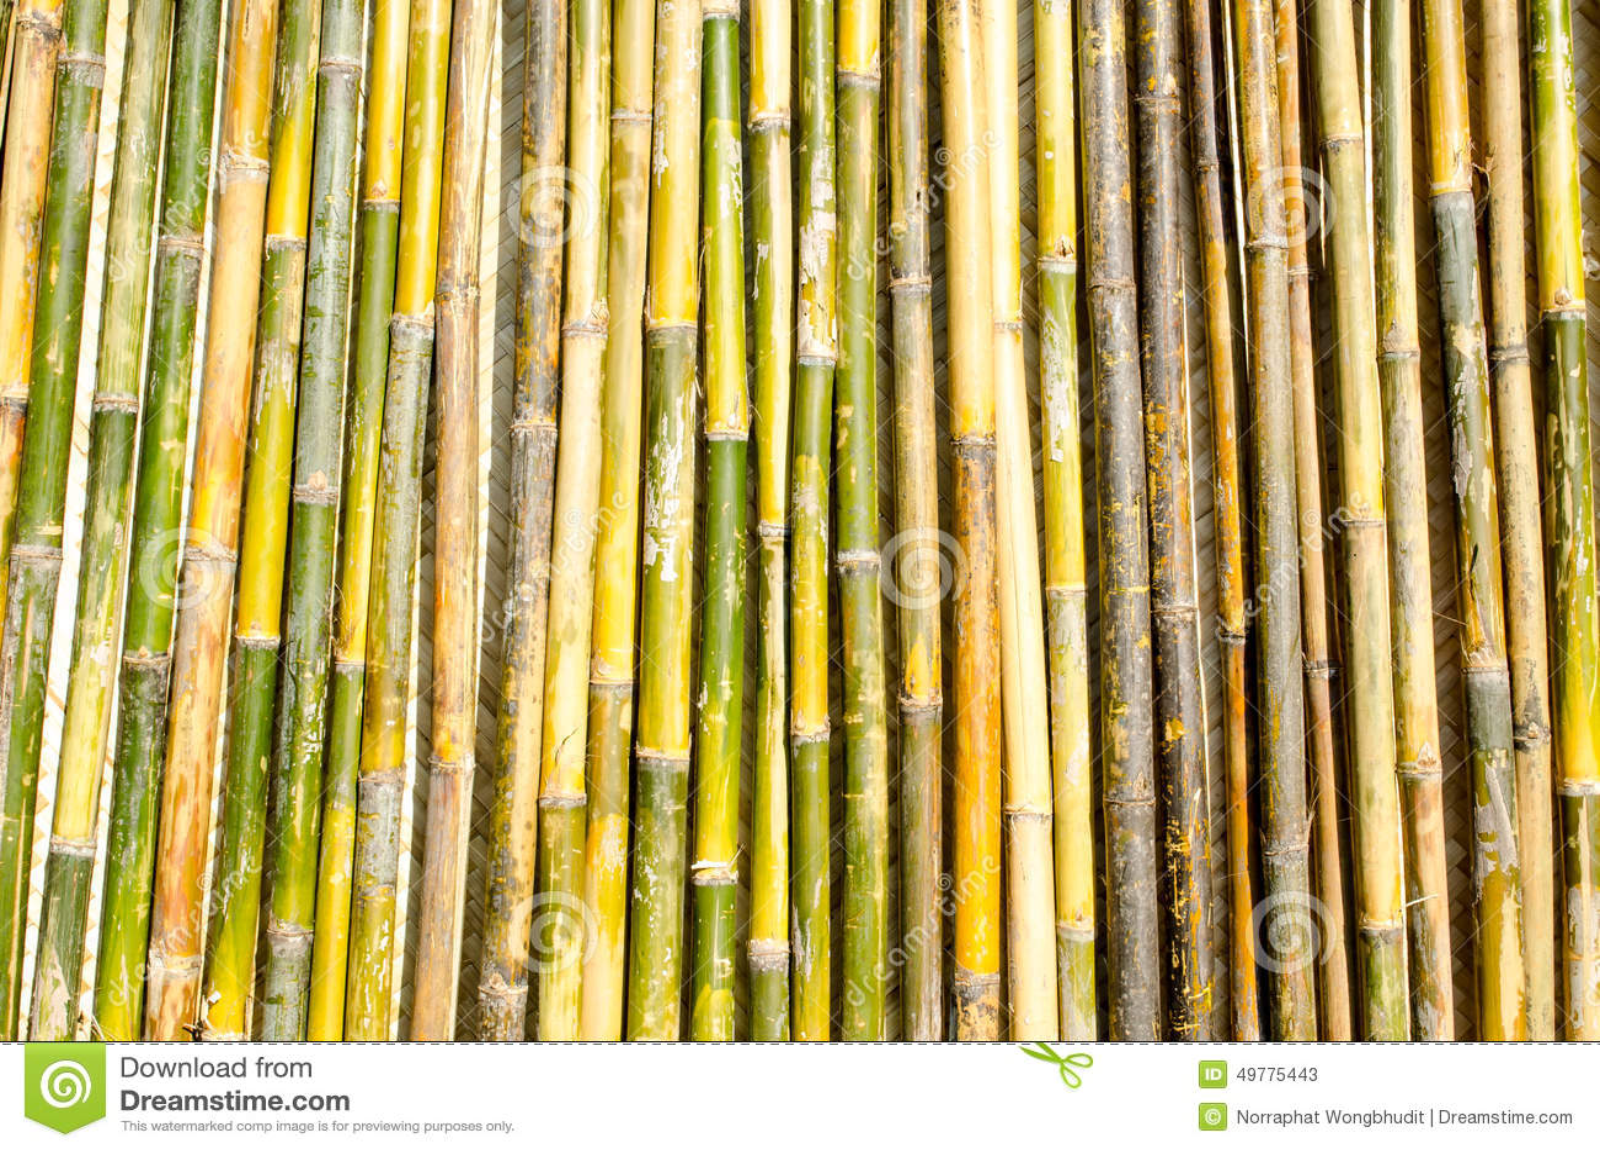 bambus pole zaun stockbild bild von betrieb zweig rand 49775443. Black Bedroom Furniture Sets. Home Design Ideas